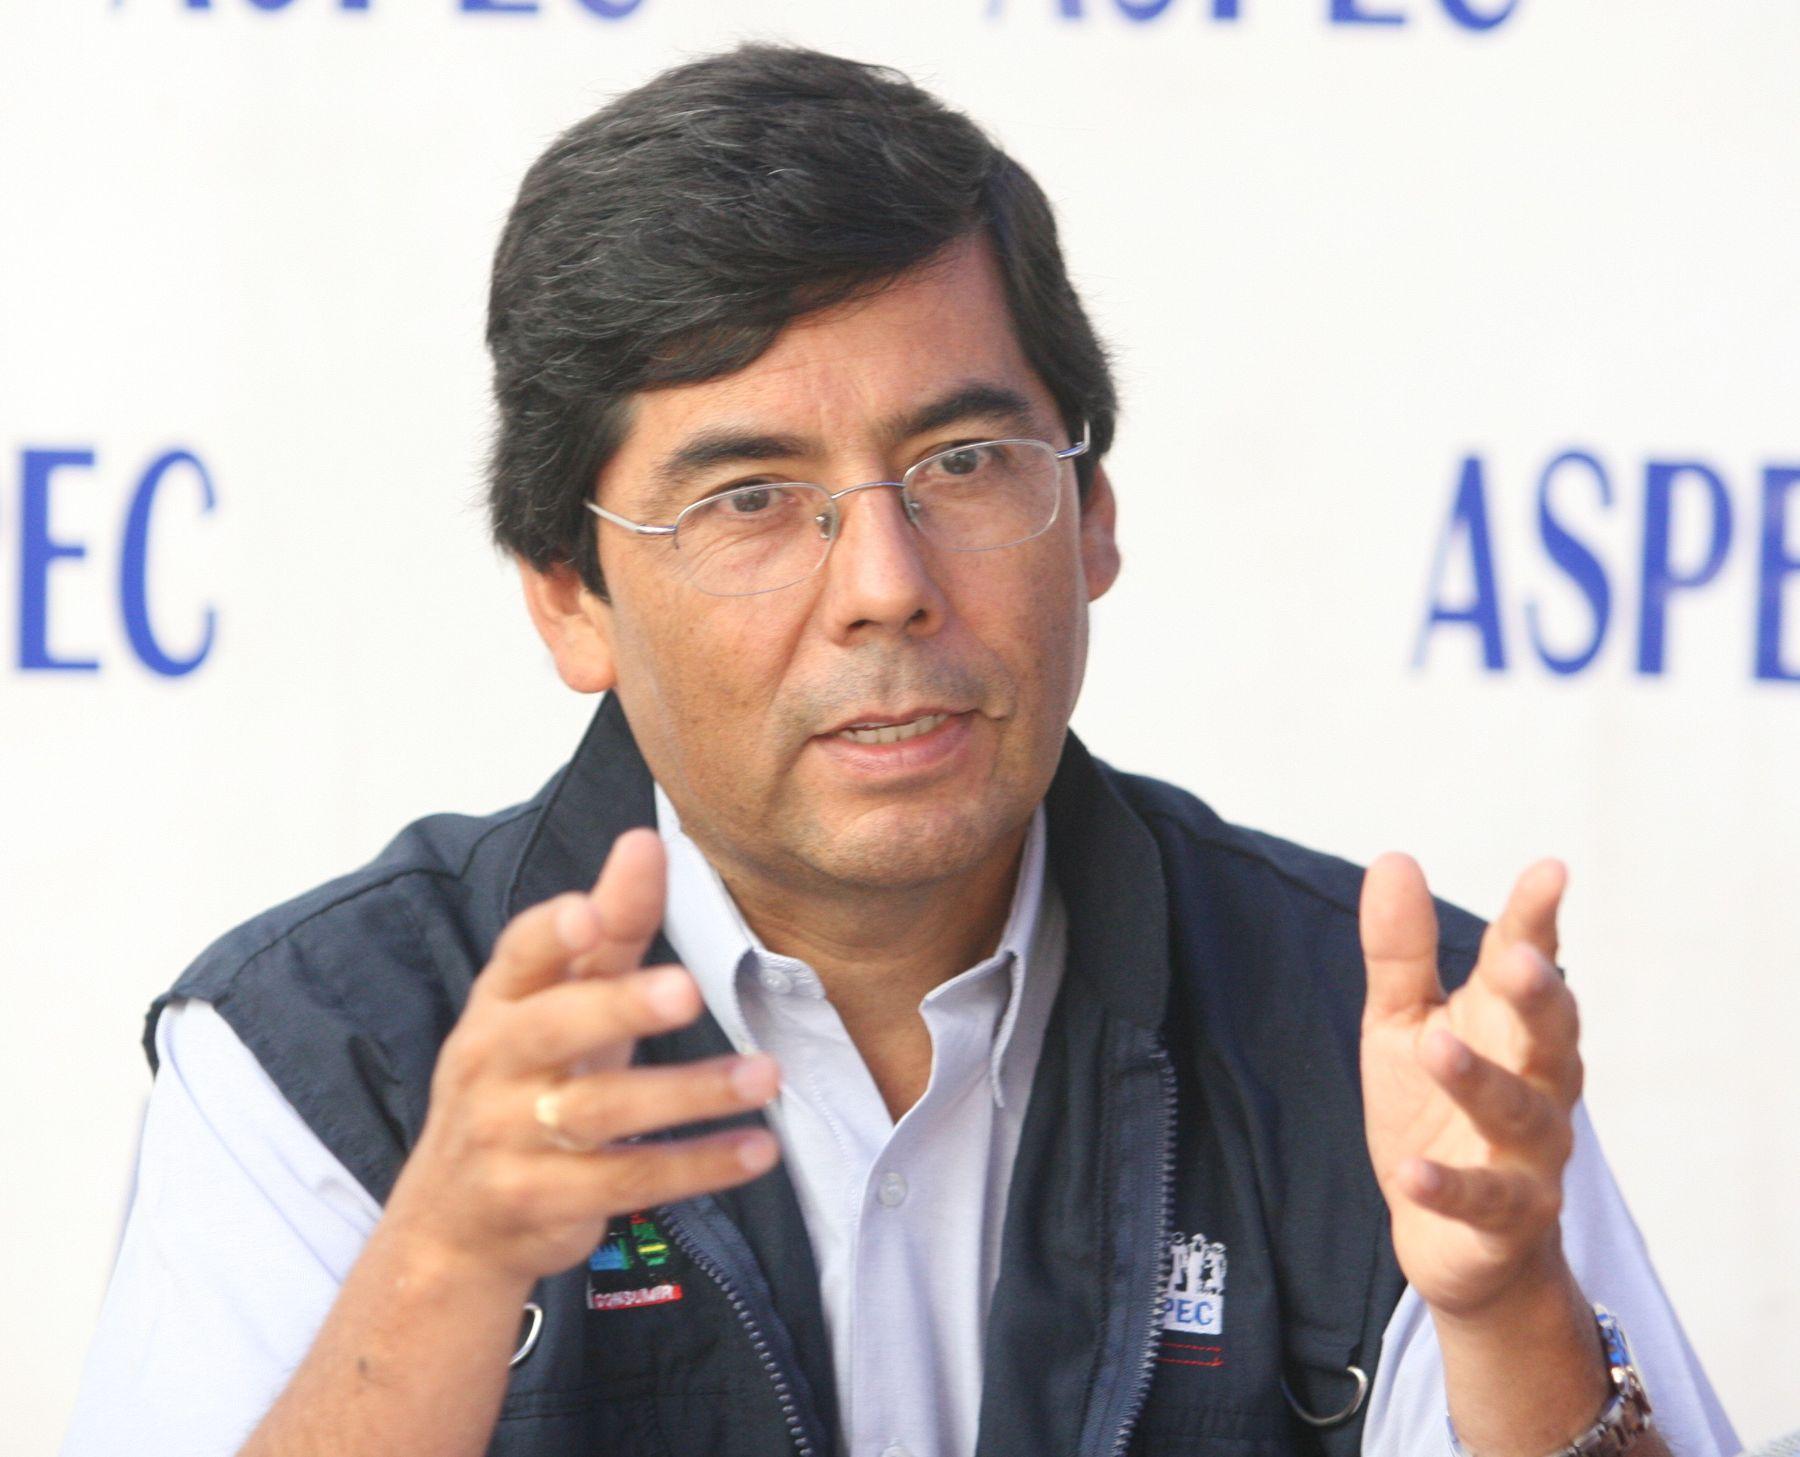 Presidente de la Asociación Peruana de Consumidores y Usuarios, Jaime Delgado Zegarra. Foto:ANDINA/Norman Cordova